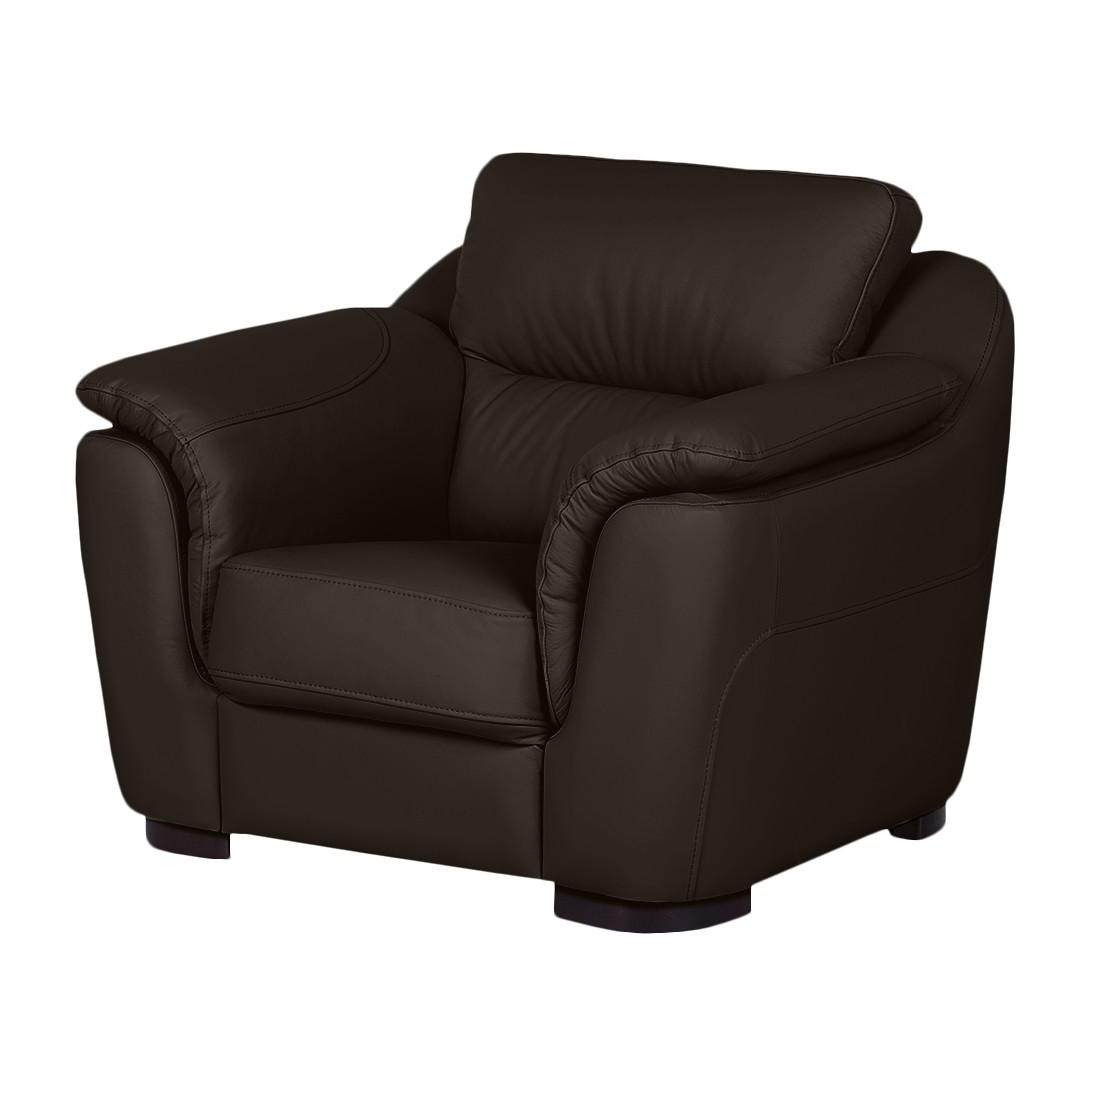 Home 24 - Fauteuil alzira - cuir véritable marron foncé, nuovoform